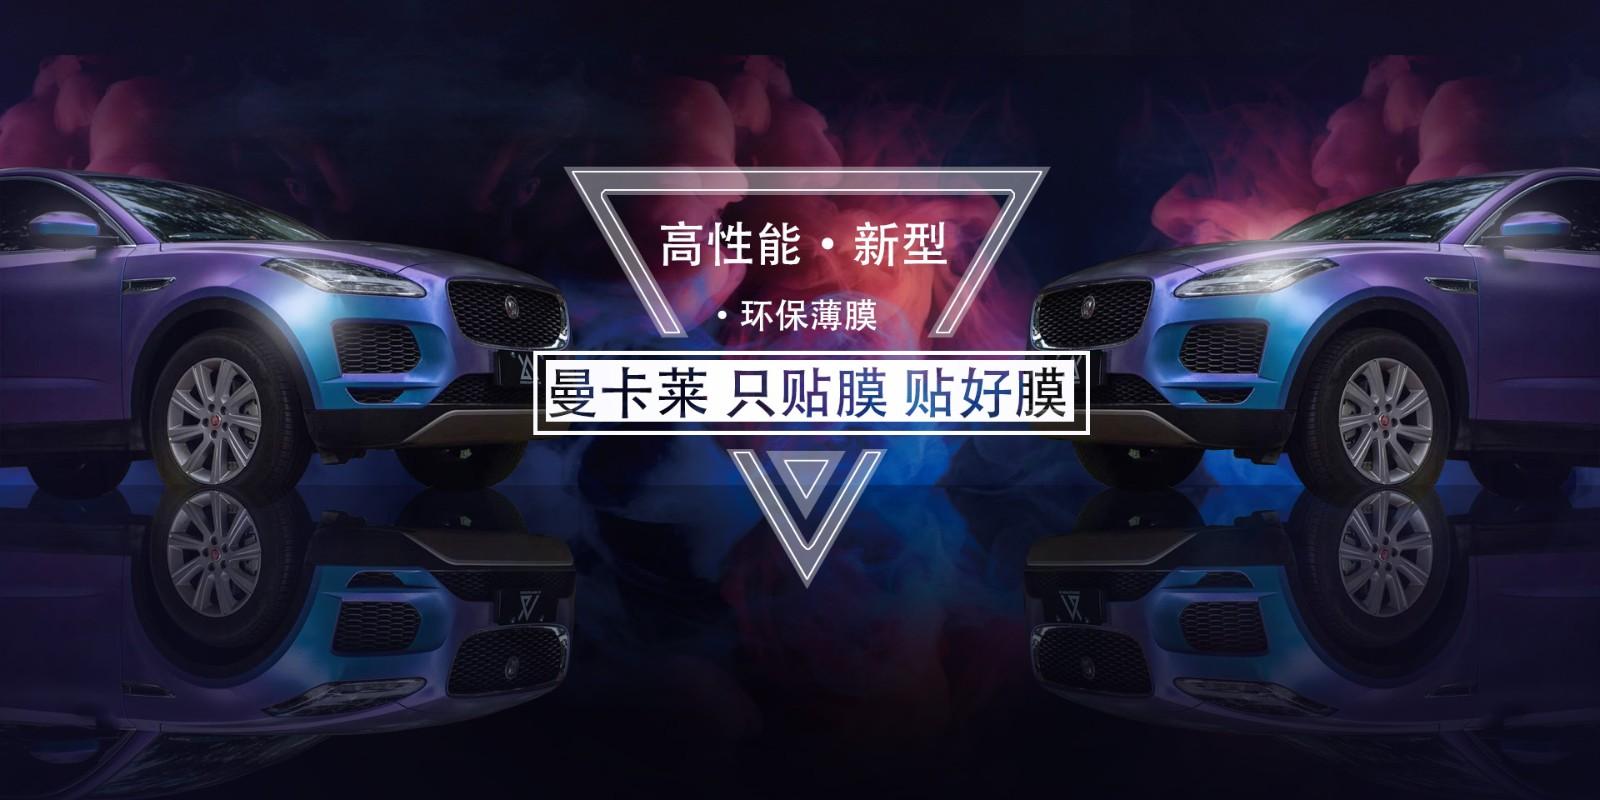 石家庄曼卡莱汽车服务有限公司,签署网站制作合同